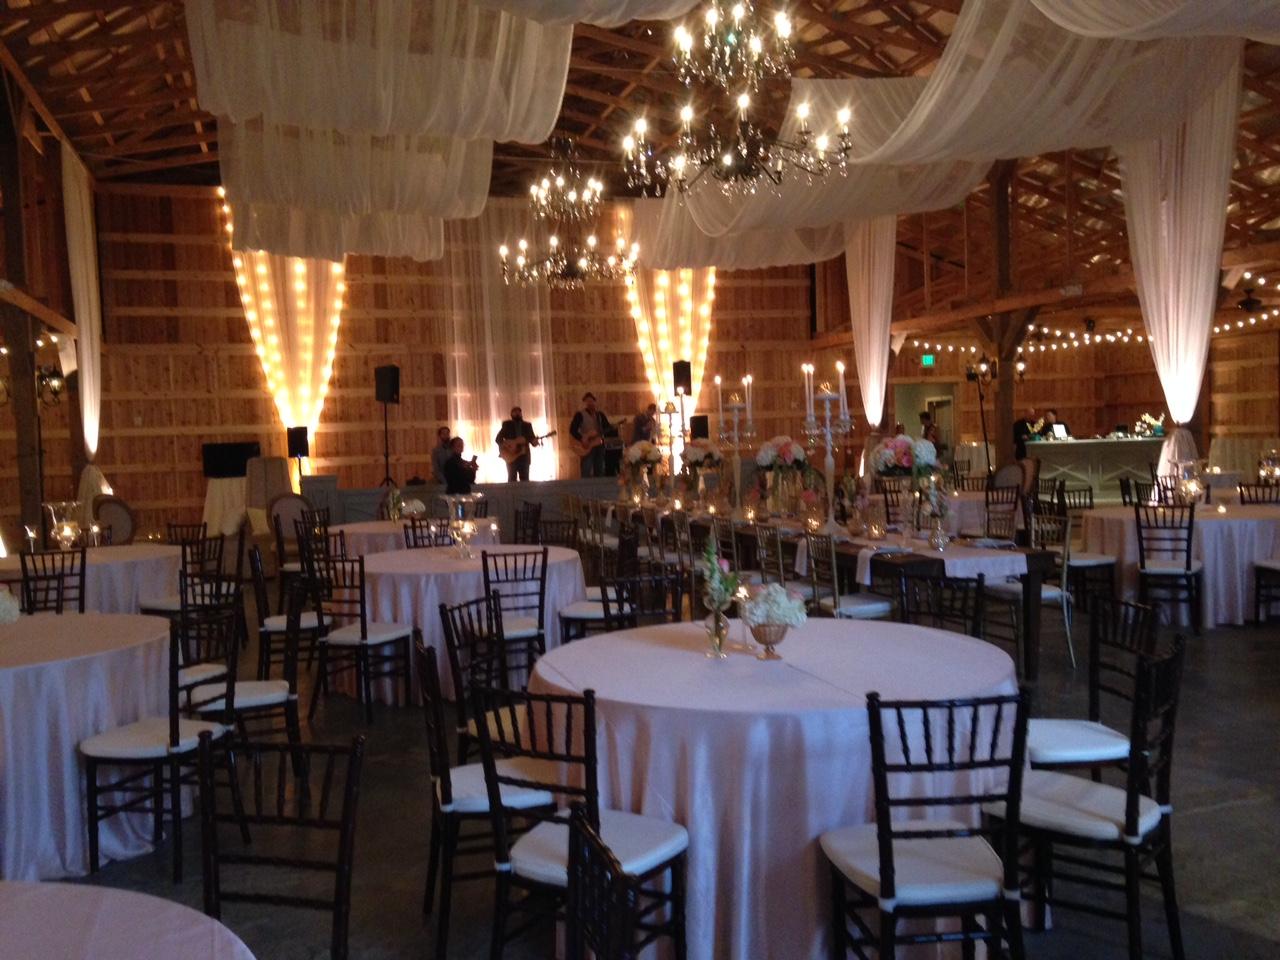 nashville-wedding-saddlewoodsfarm